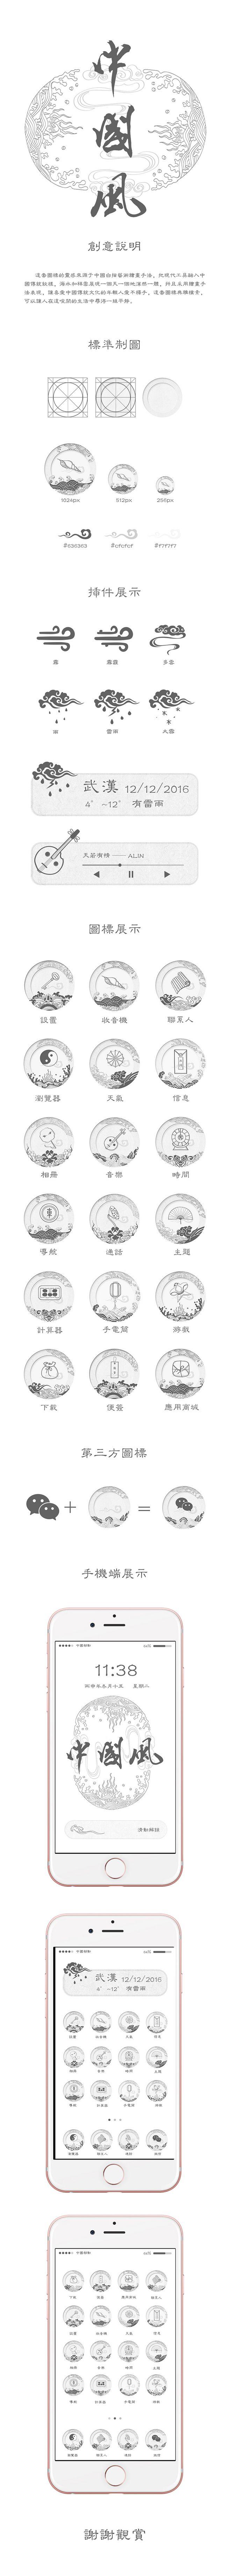 中国风主题图标设计案例欣赏2